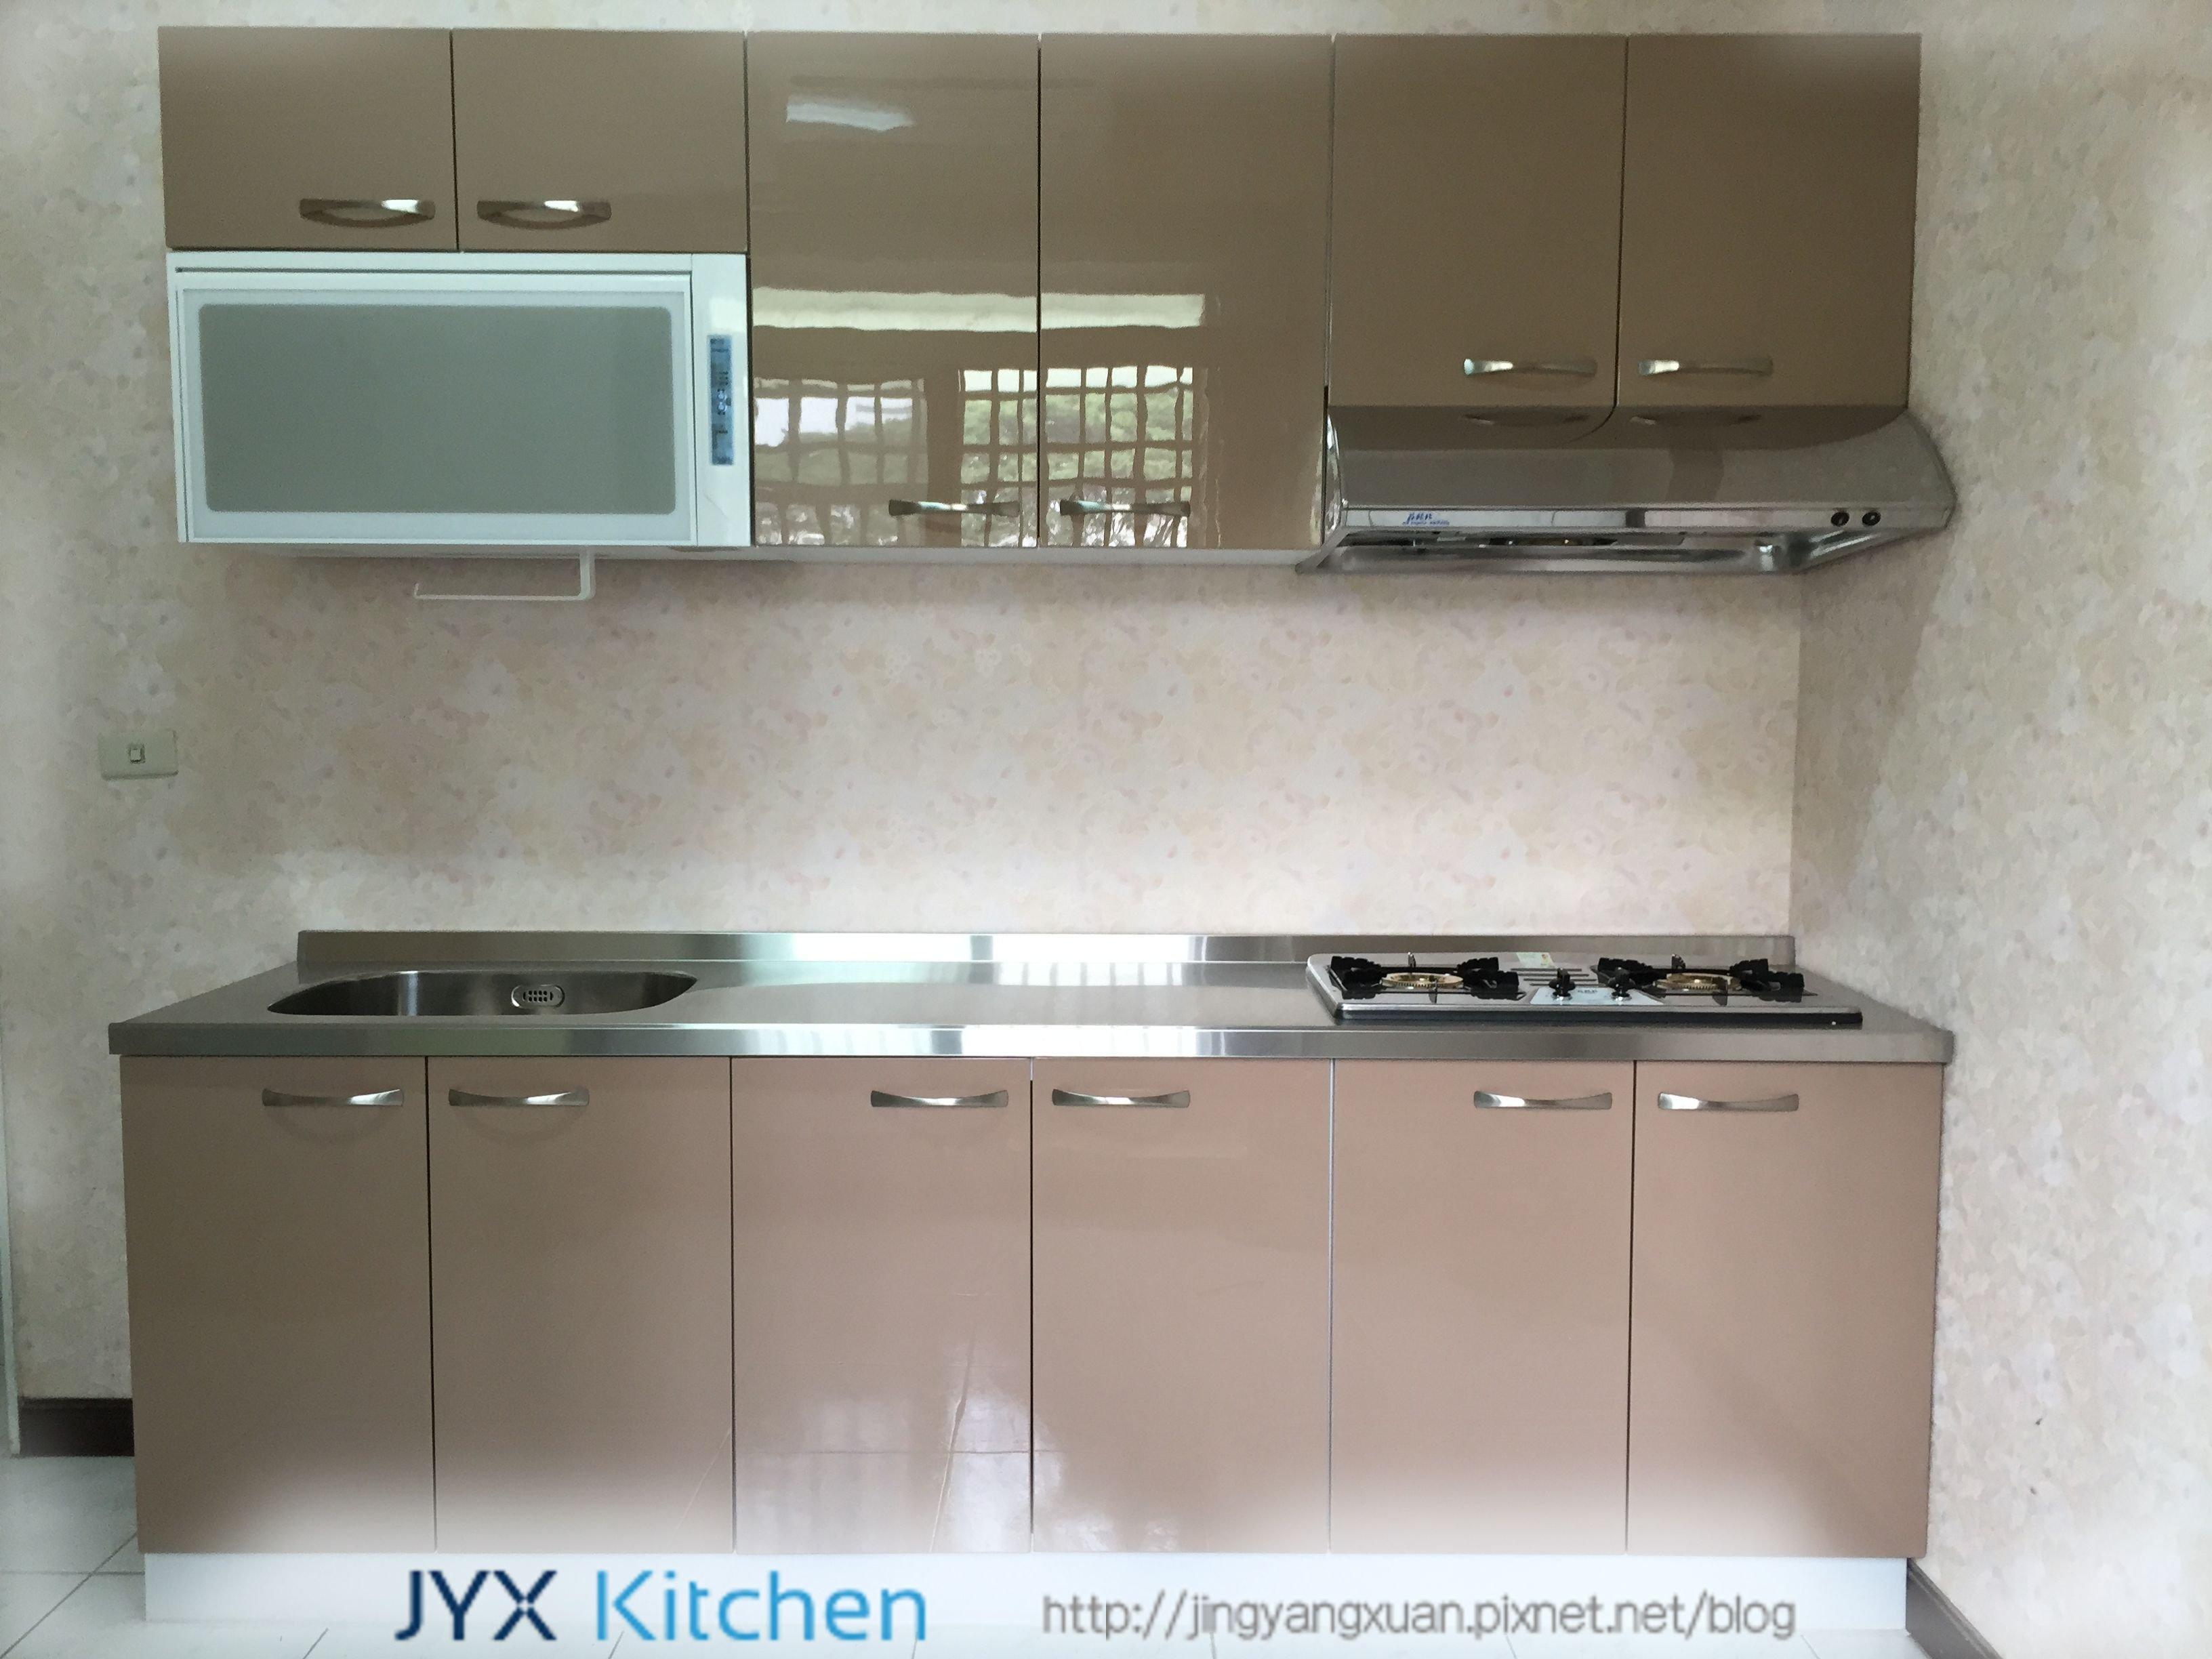 高雄 流理台 廚房 廚具 240 公分送水槽 不銹鋼檯面 美耐板 拿鐵棕一字型  晶漾軒 JYX Kitchen